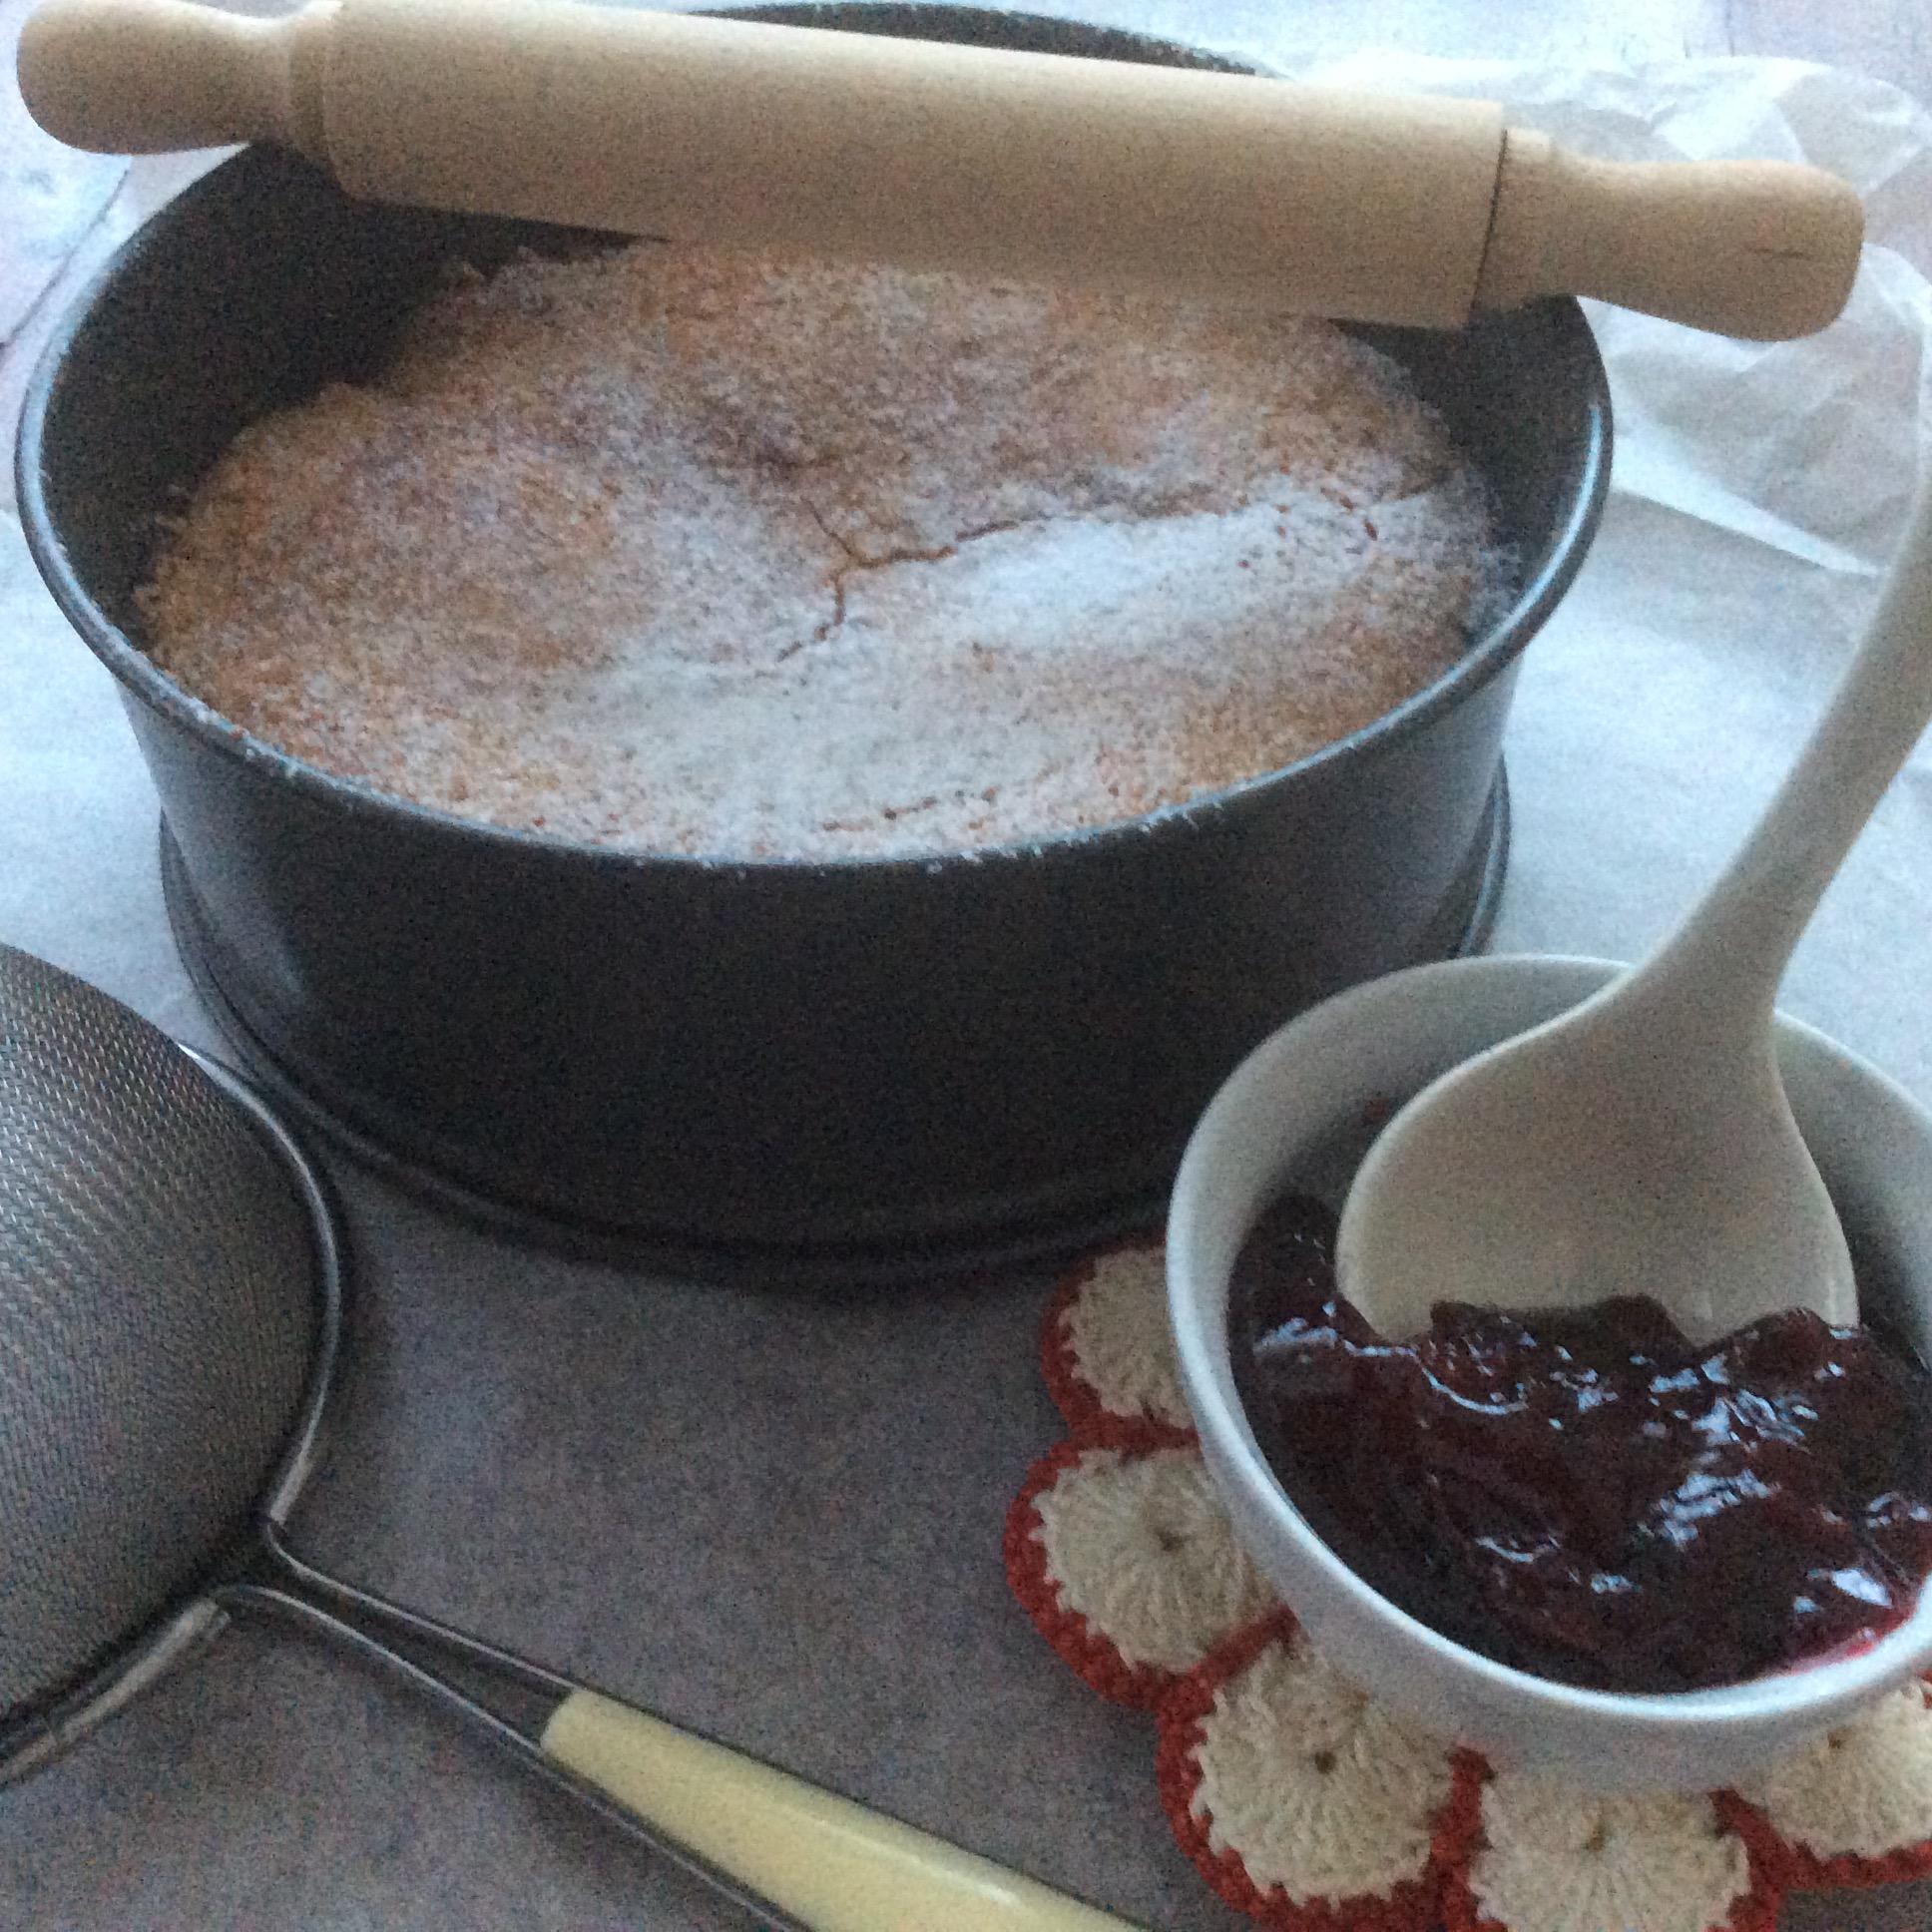 Torta croccante con confettura di ciliegie 3